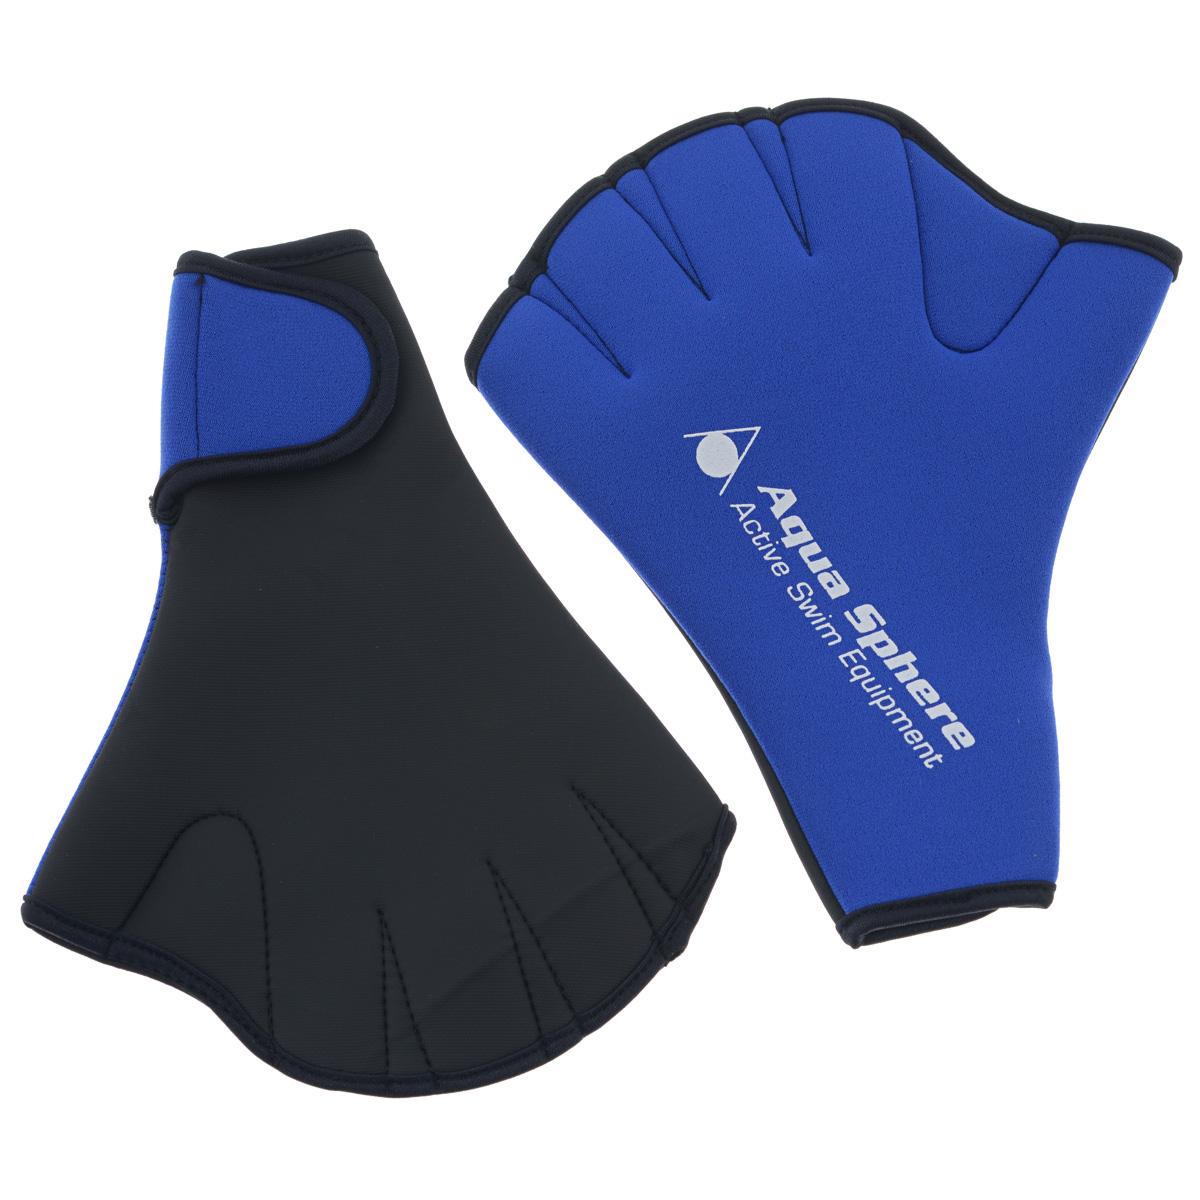 Перчатки для рук Aqua Sphere  Swim Glove , цвет: синий. Размер L - Дайвинг